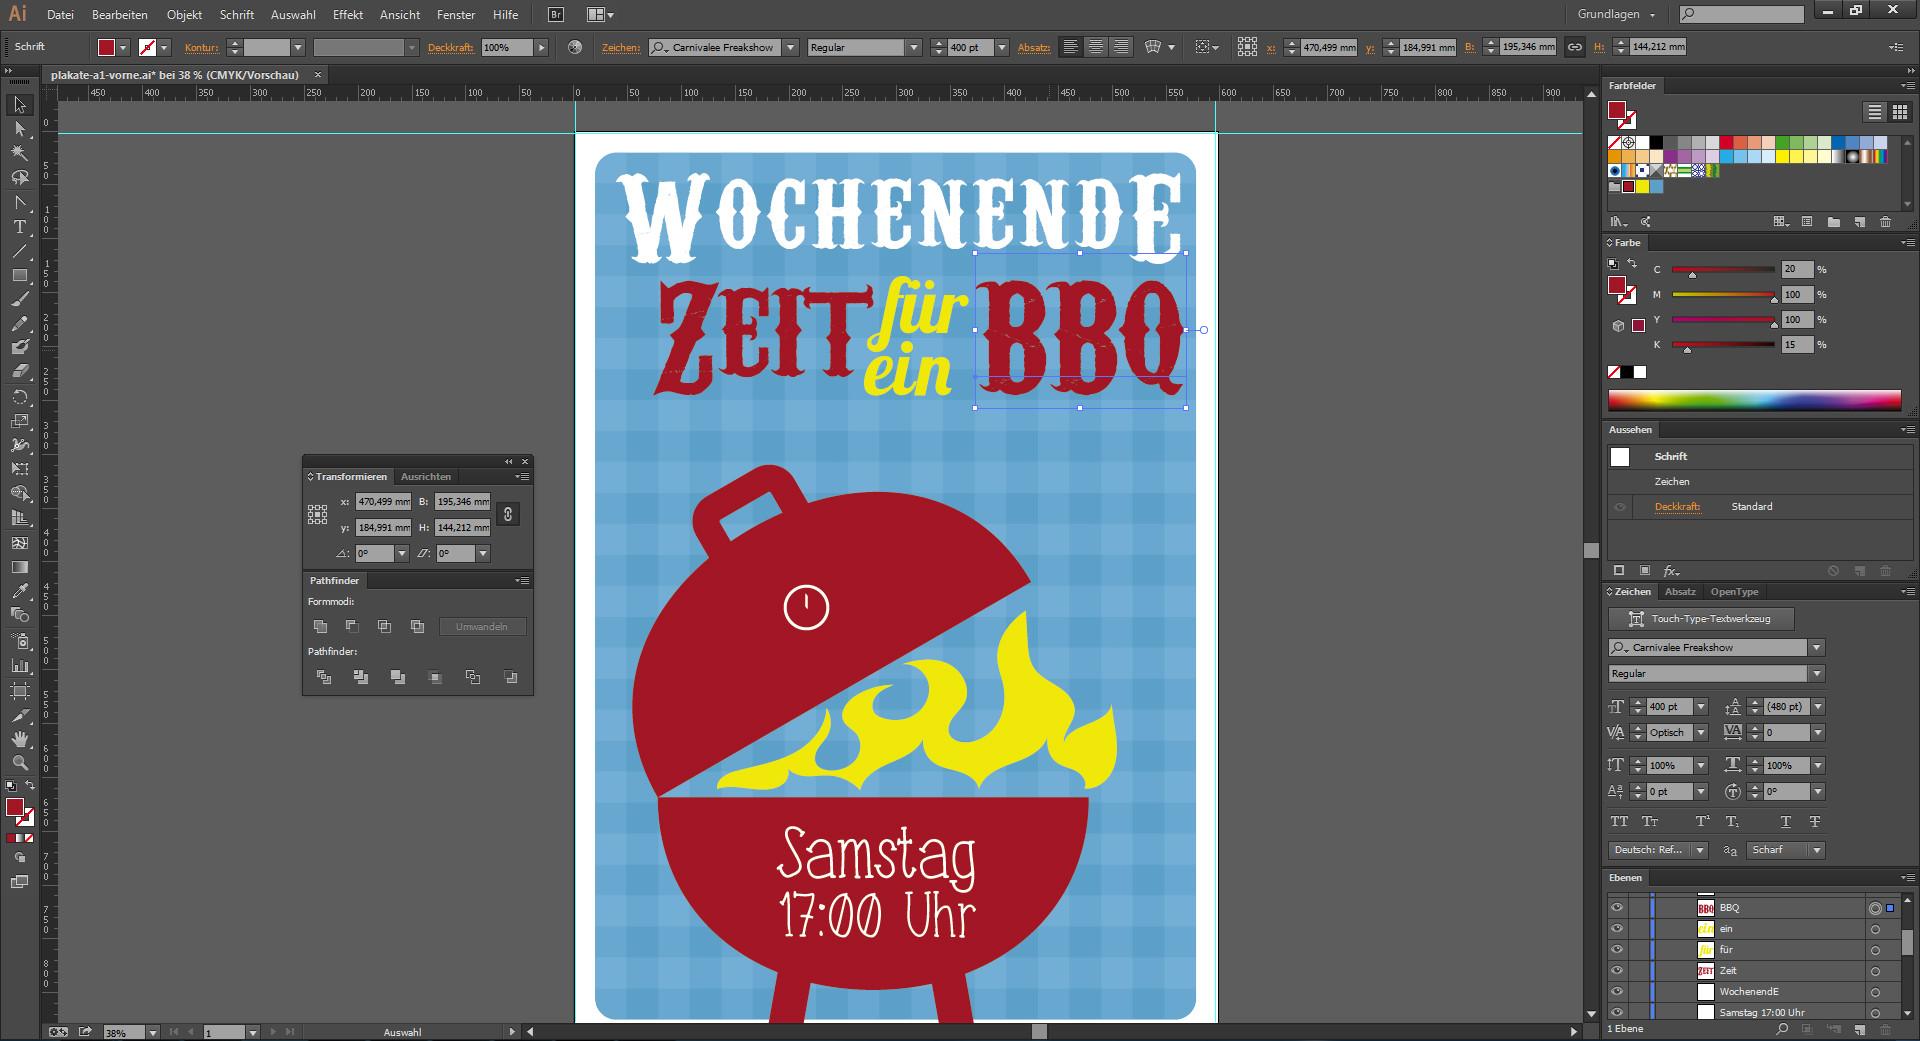 Ein Veranstaltungsplakat gestalten - Textbearbeitung im Programm Illustrator